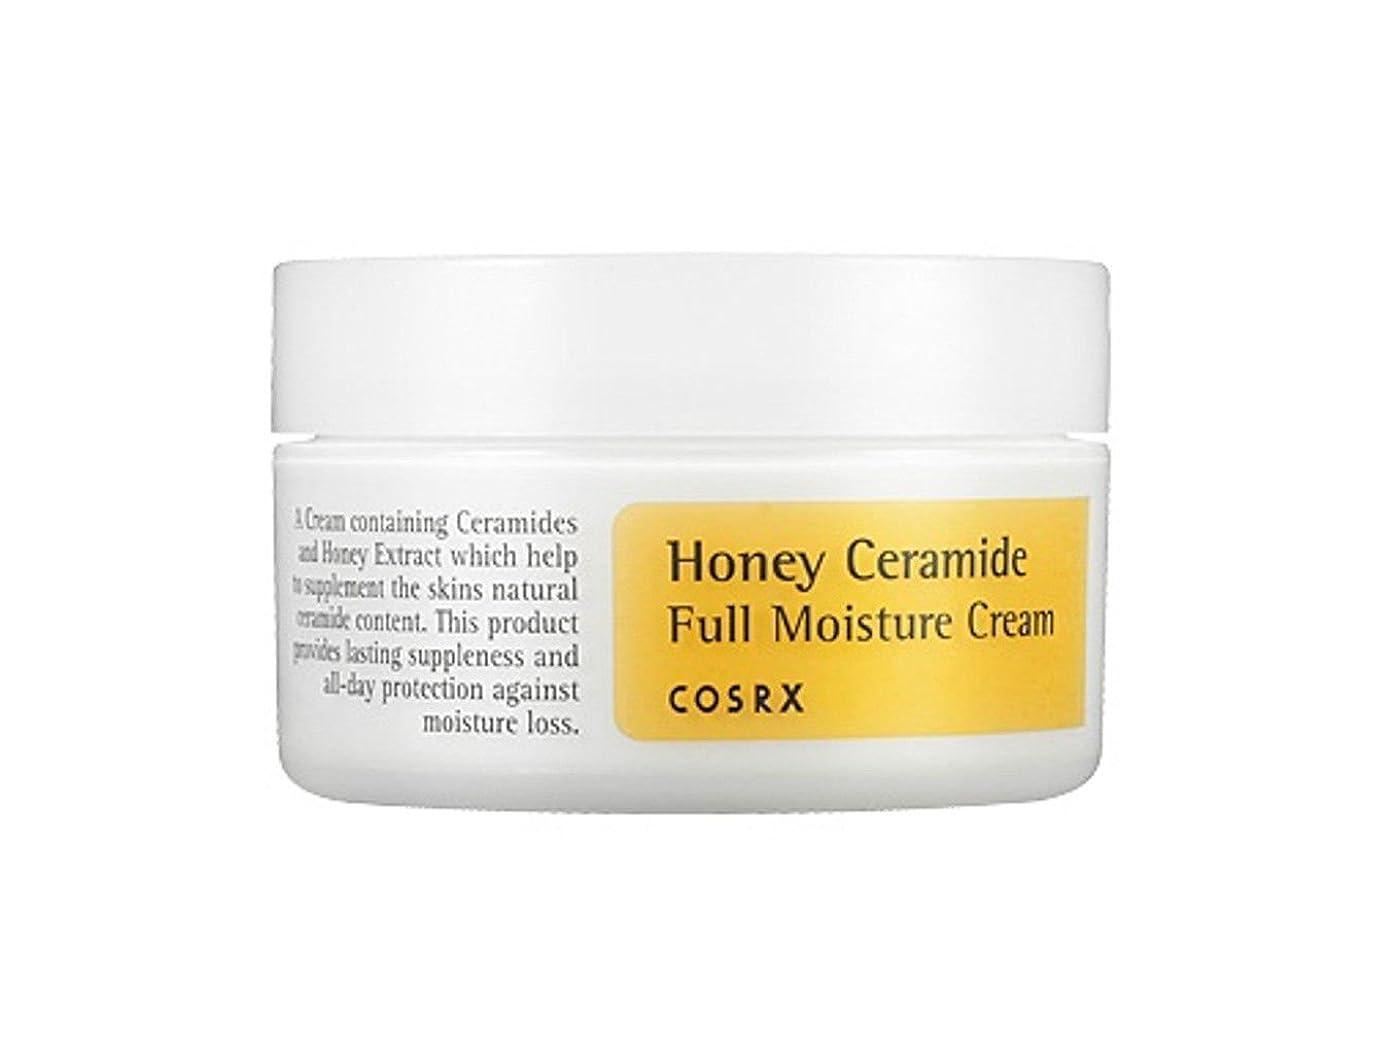 ステレオファイル親密なCOSRX Honey Ceramide Full Moisture Cream 50ml/COSRX ハニー セラミド フル モイスチャー クリーム 50ml [並行輸入品]